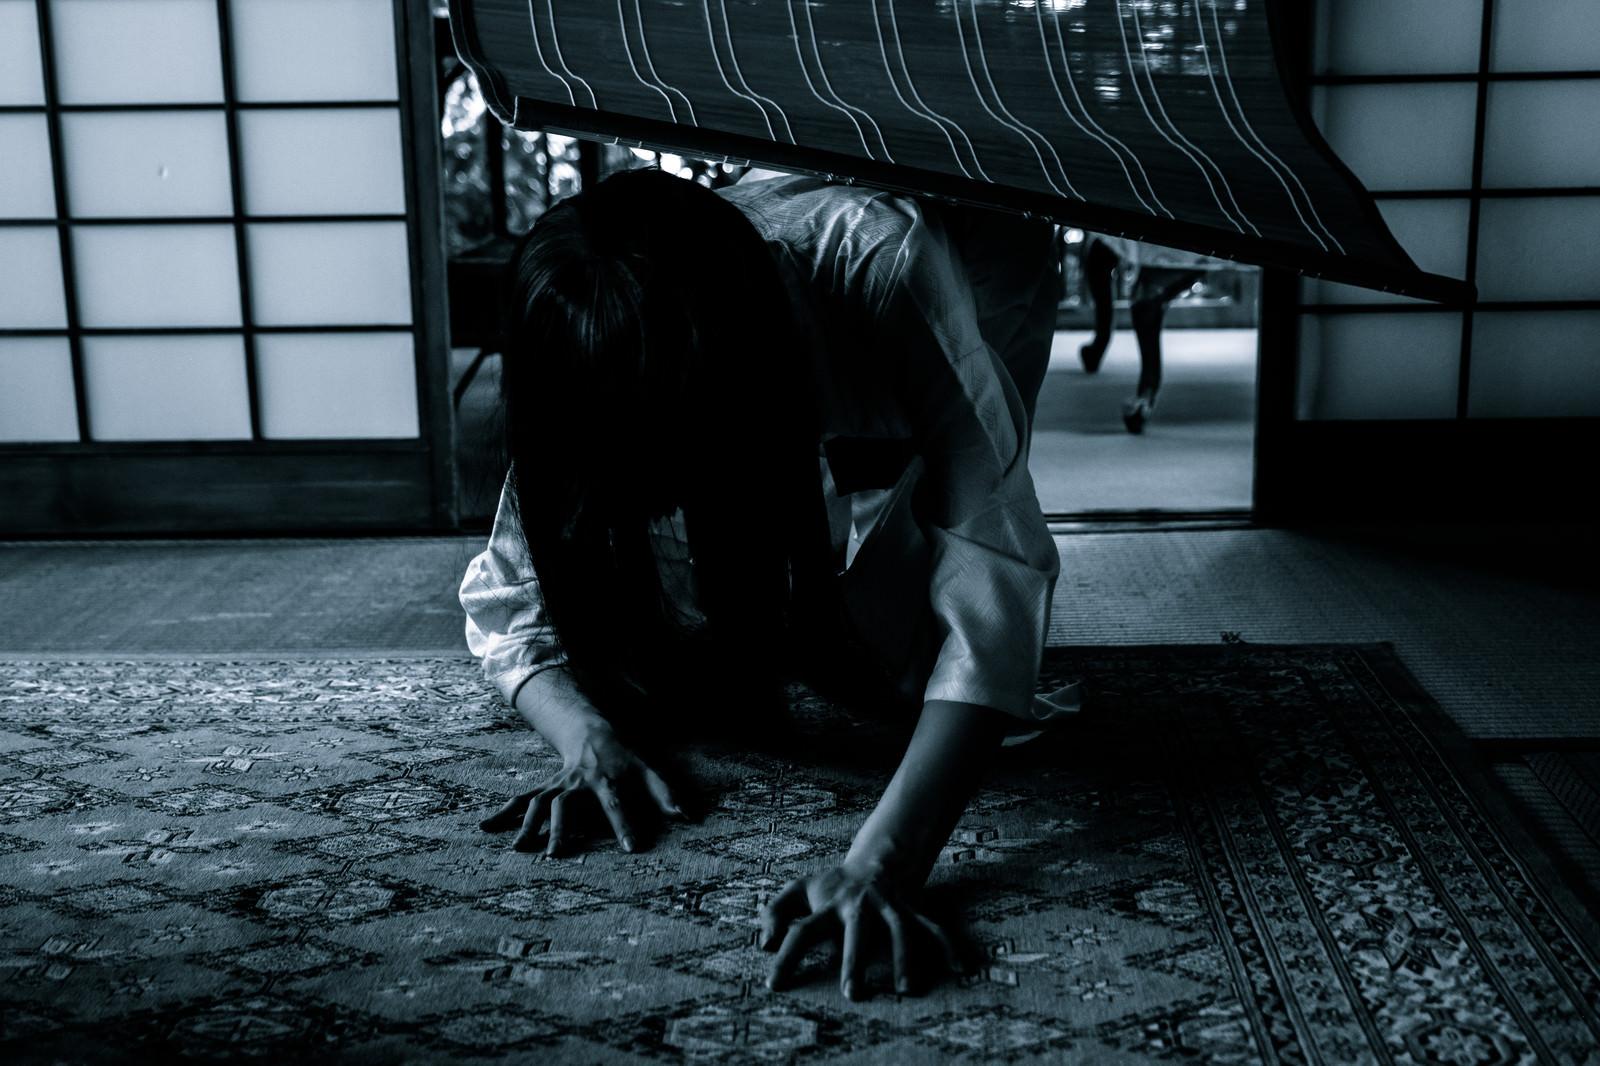 「ジリジリ迫りくる恐怖」の写真[モデル:緋真煉]